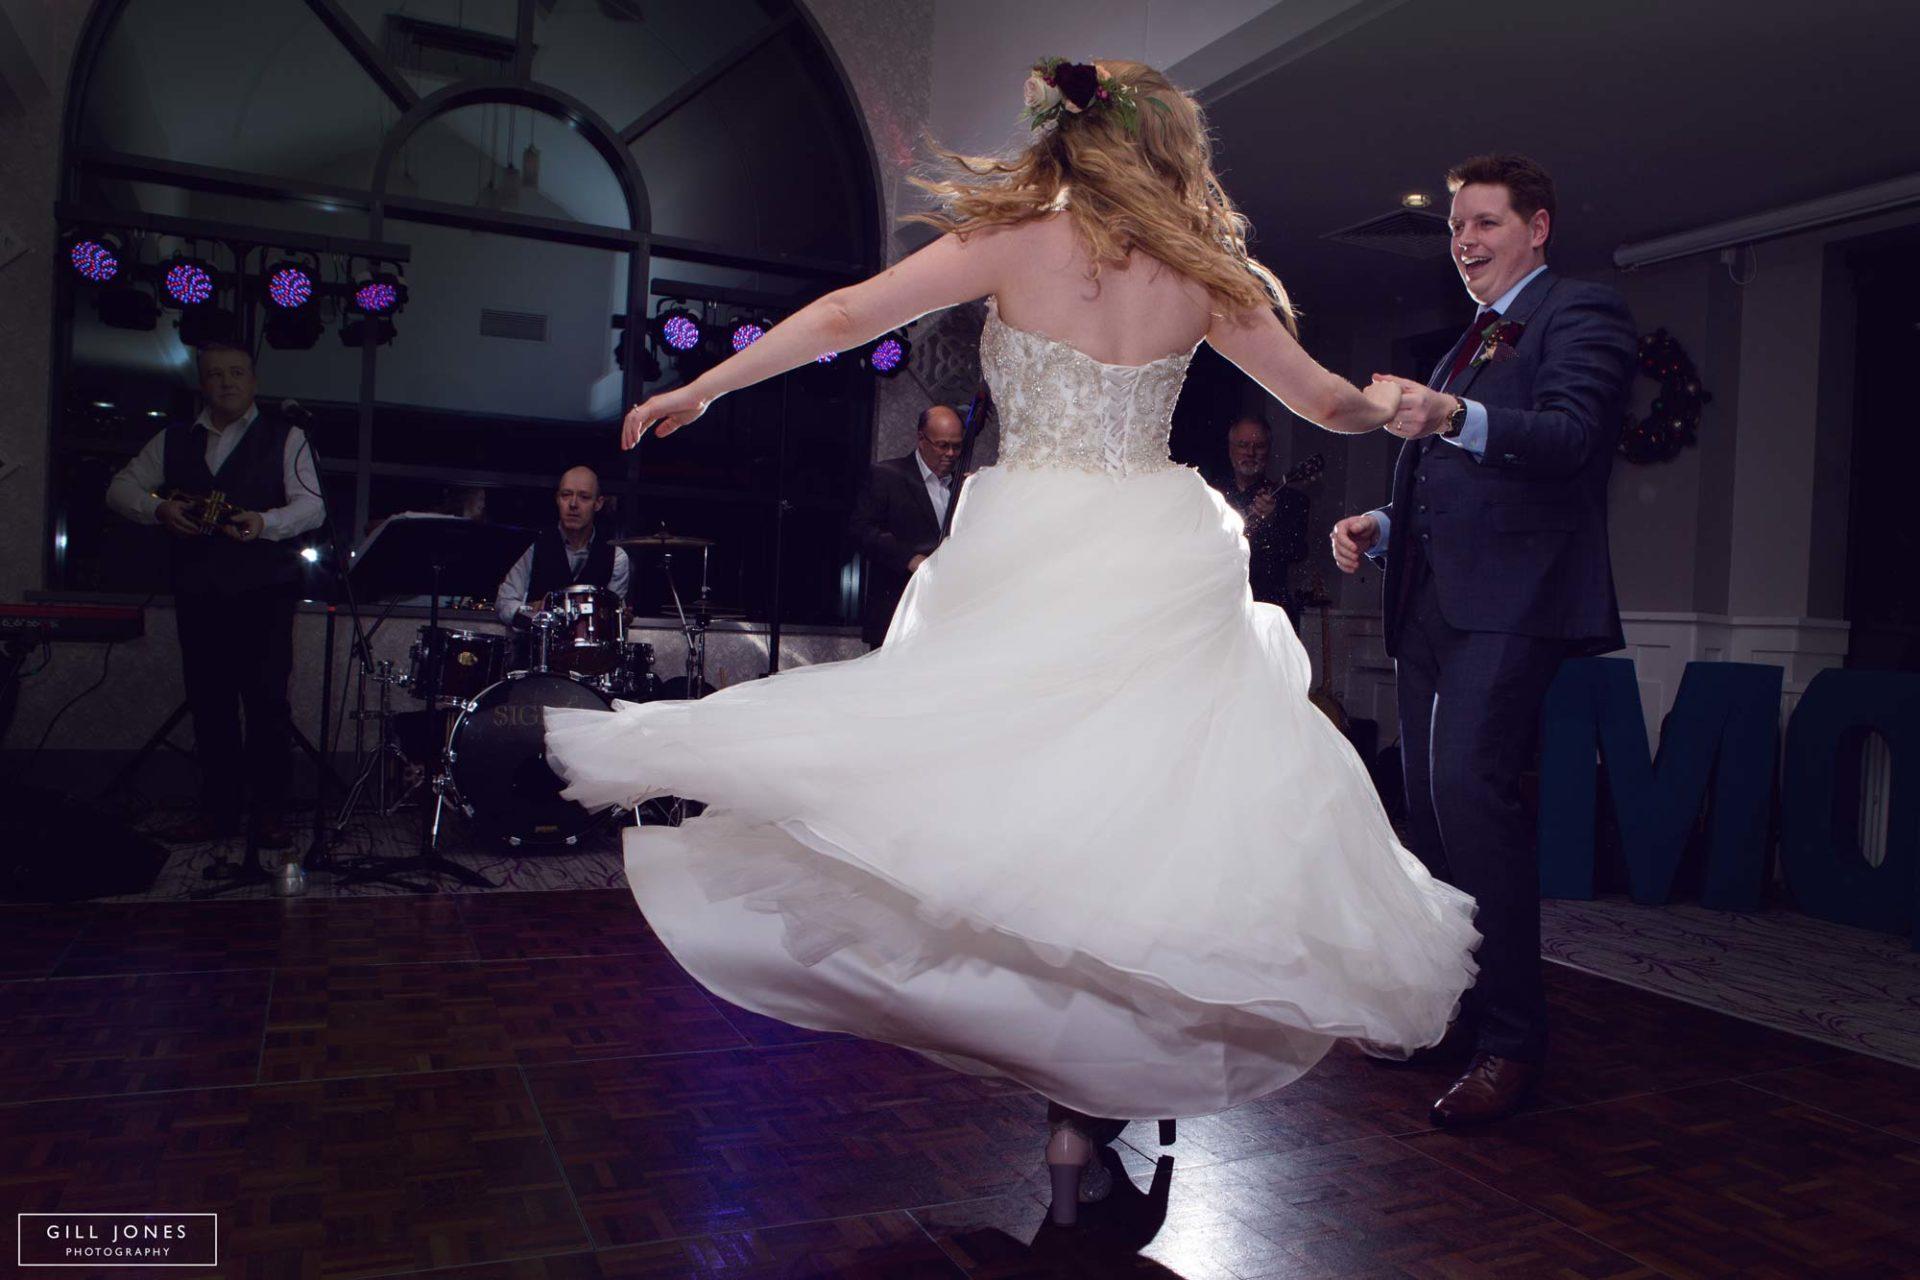 the bride twirling in her dress on the dancefloor